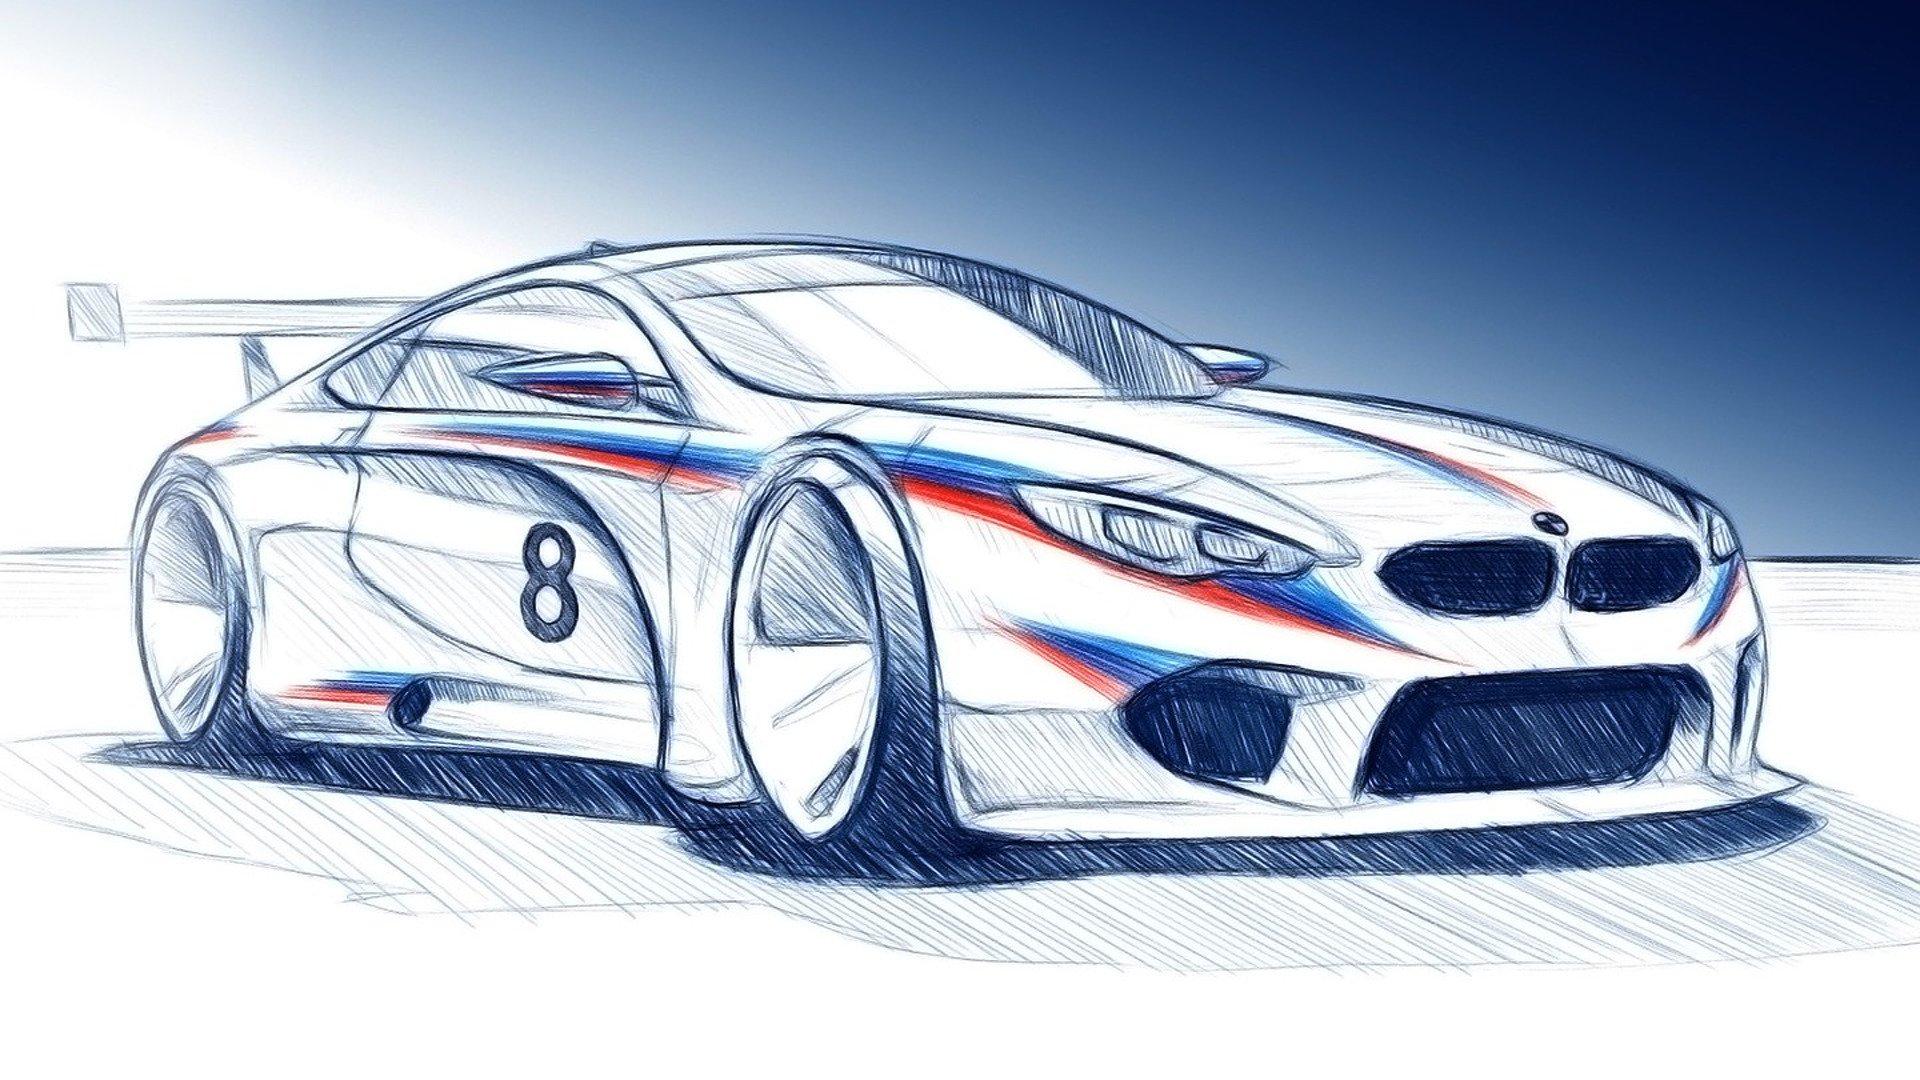 Размещены первые эскизы гоночного купе БМВ M8 GTE